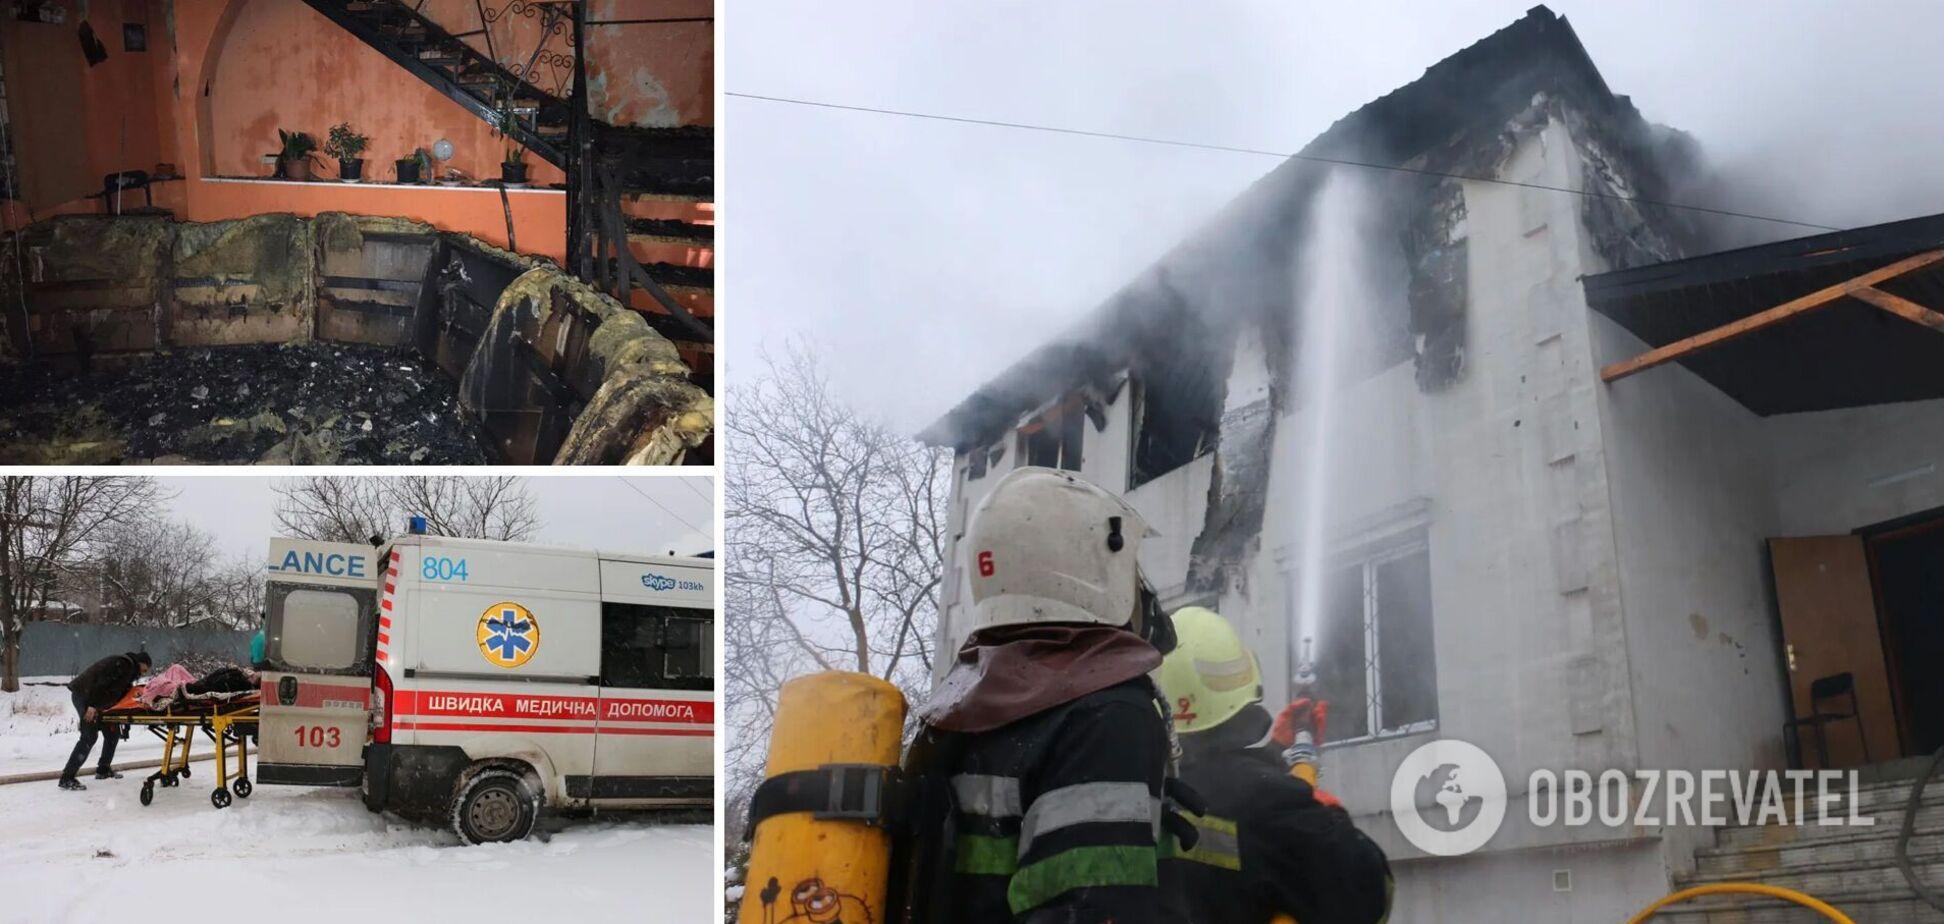 Харьков потрясла трагедия с 15 жертвами: как начался пожар и чем известен владелец дома престарелых